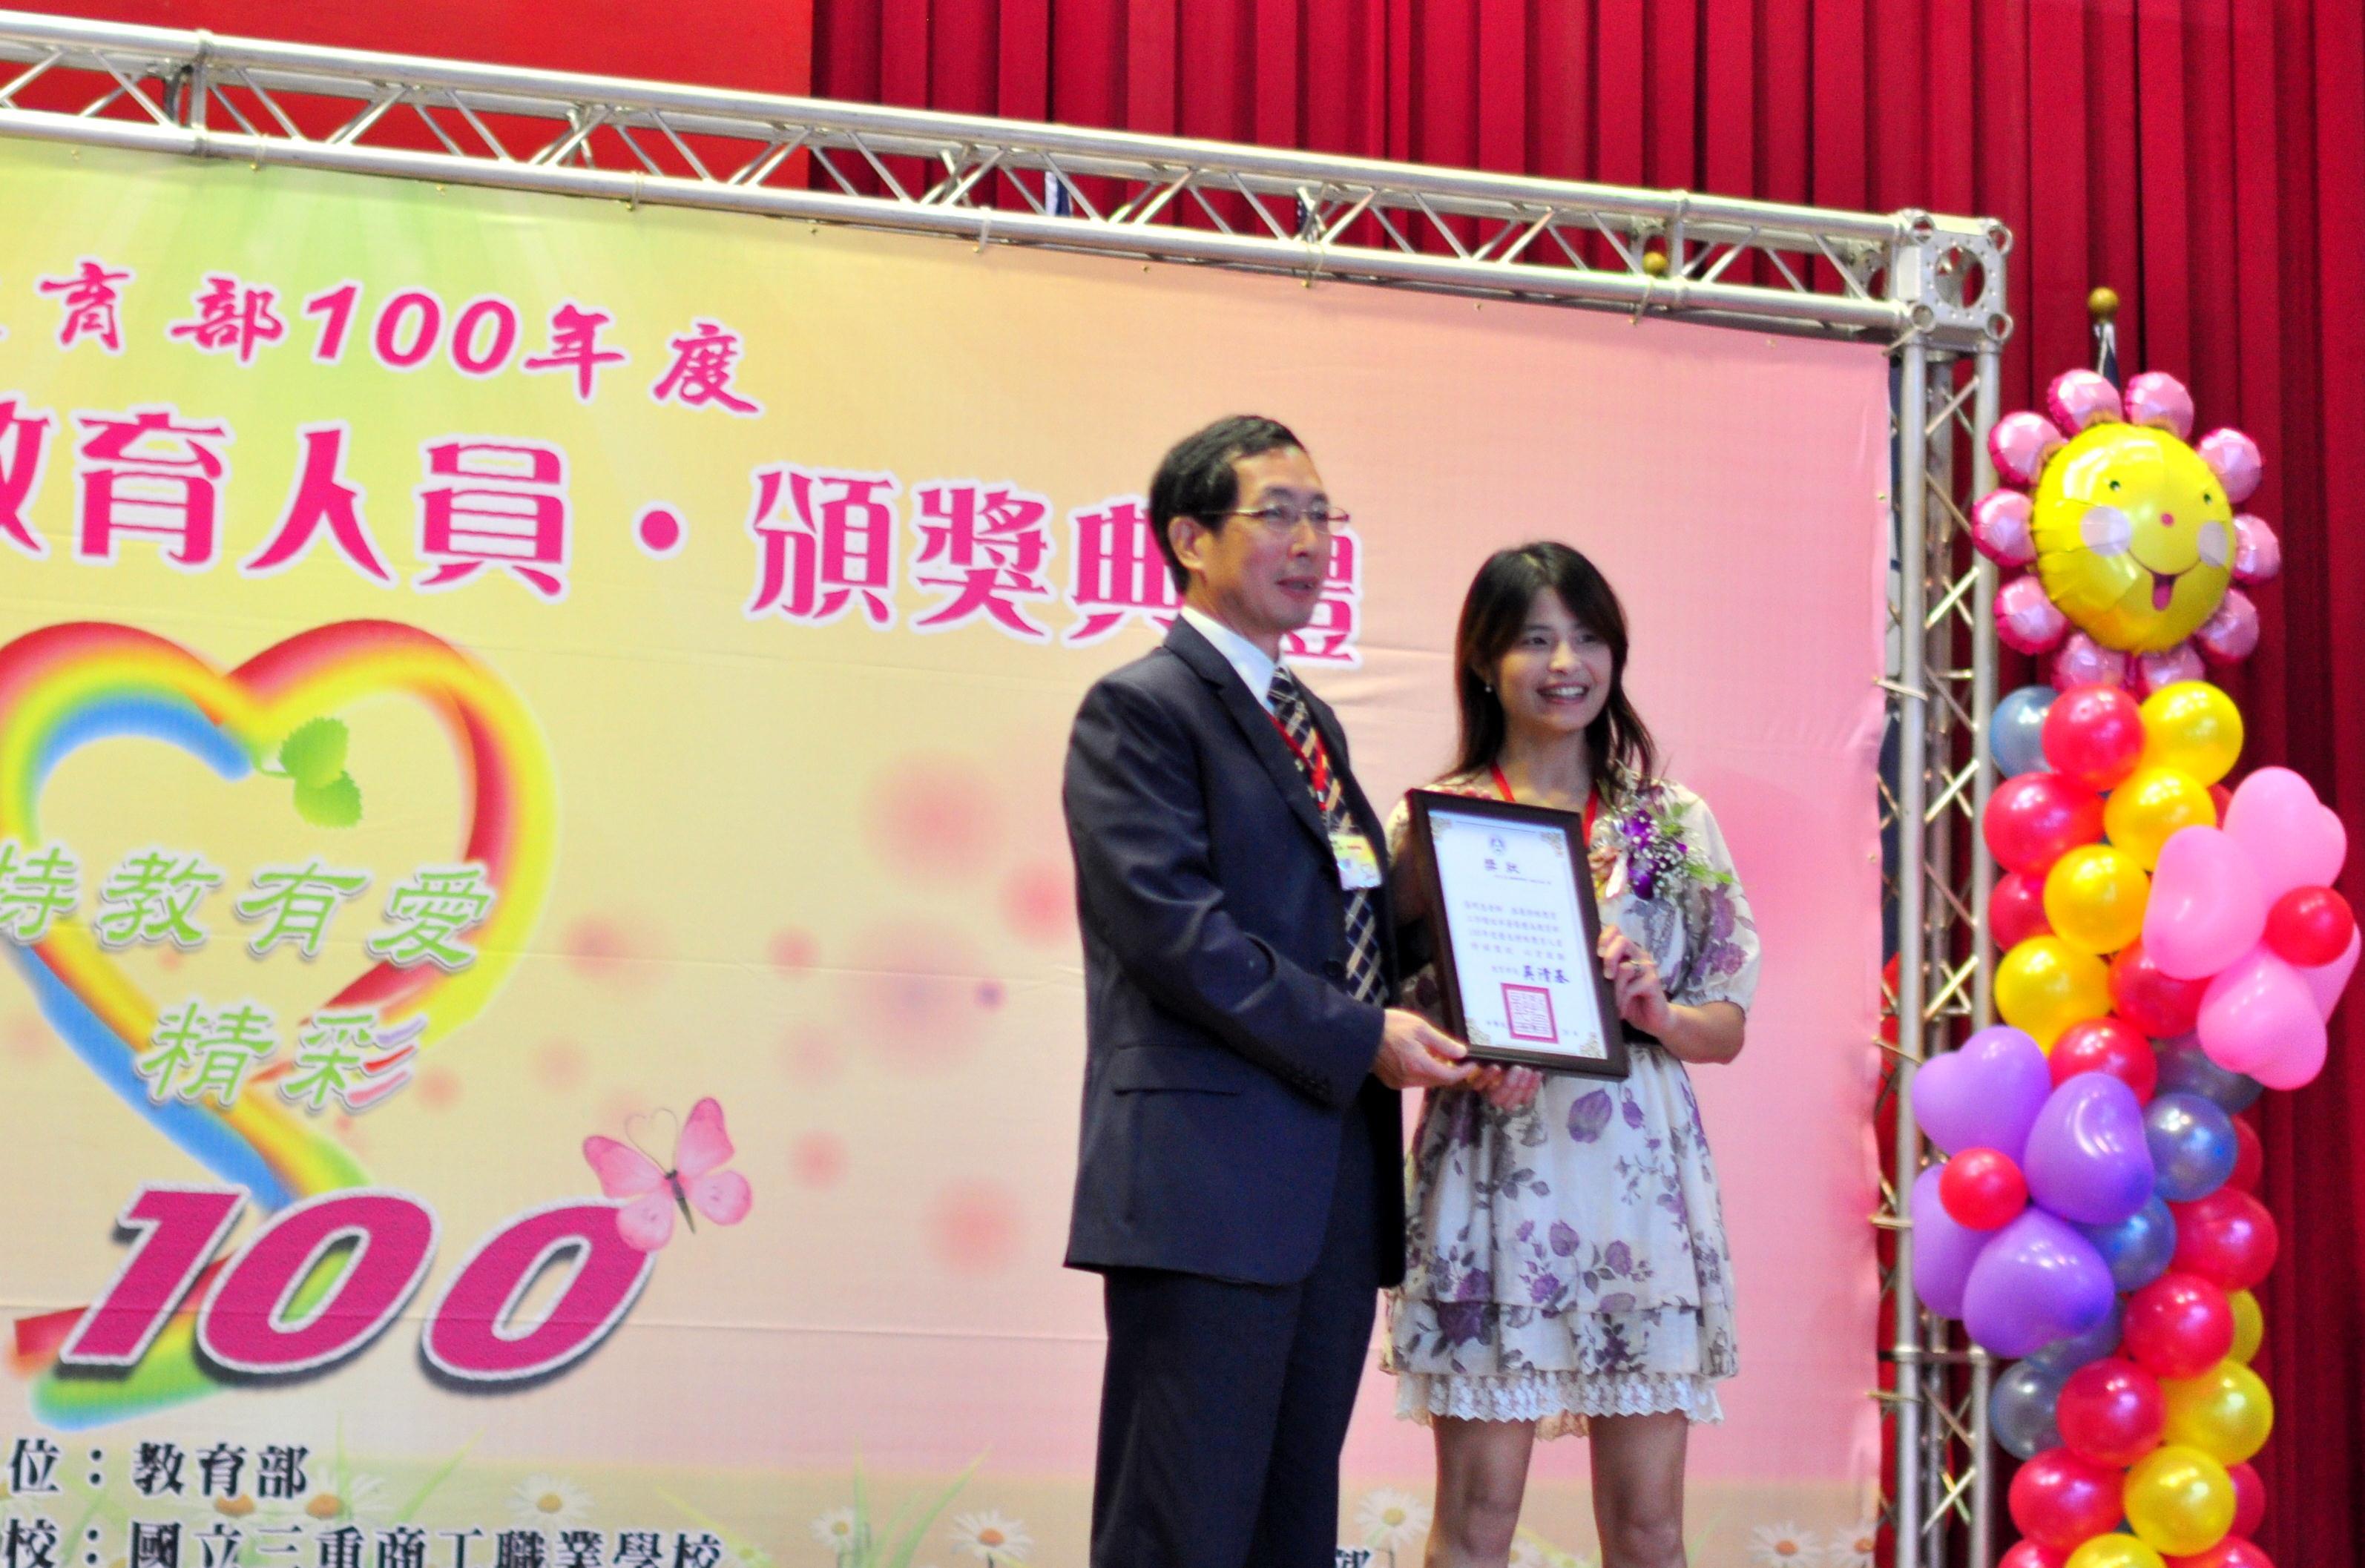 賀!諮輔組張明惠老師榮獲教育部「優良特殊教育人員」表揚